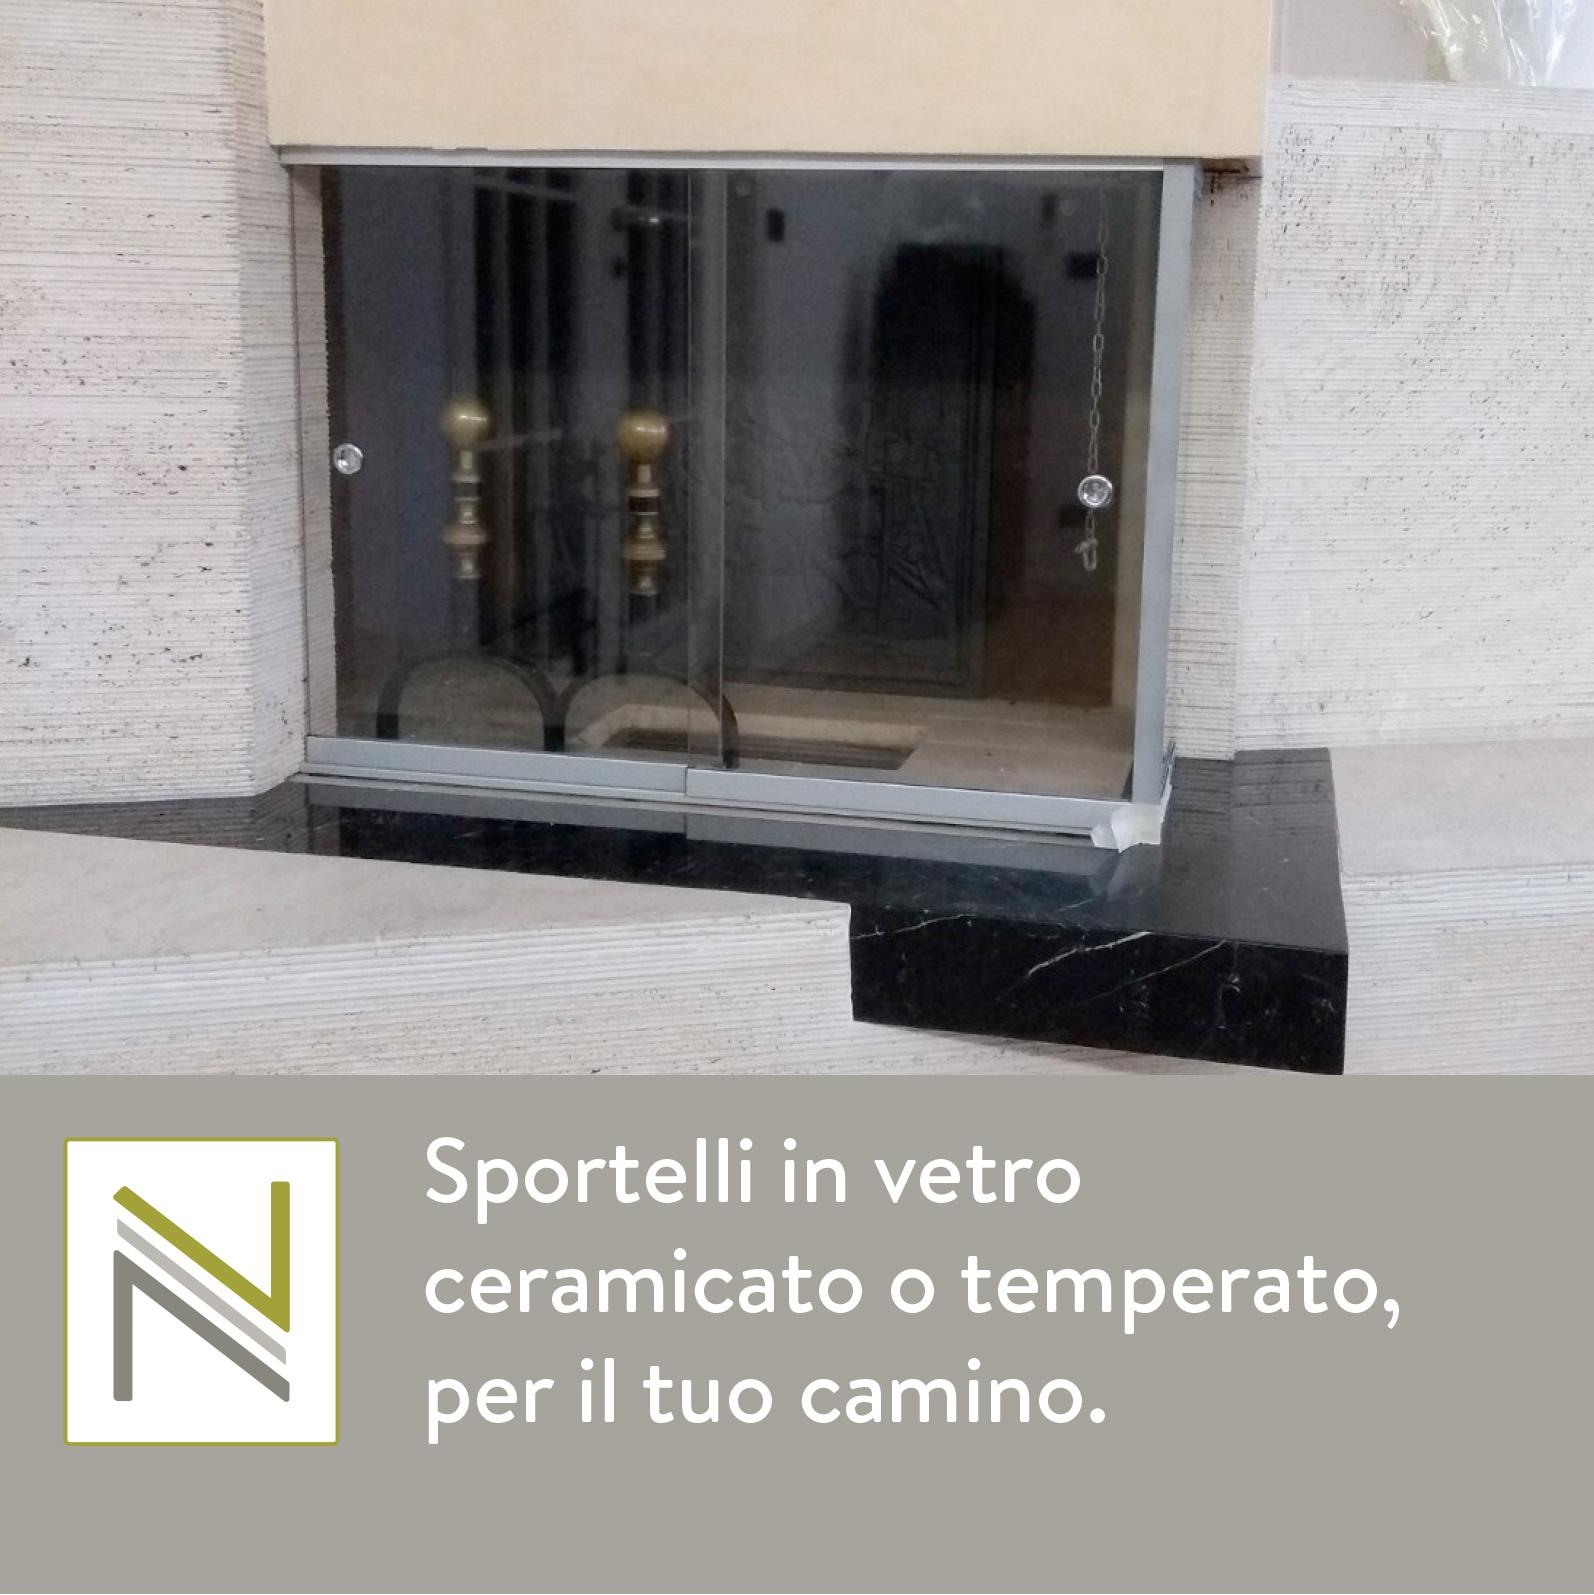 Vetreria Navacchia Sportelli In Vetro Ceramicato O Temperato Per Il